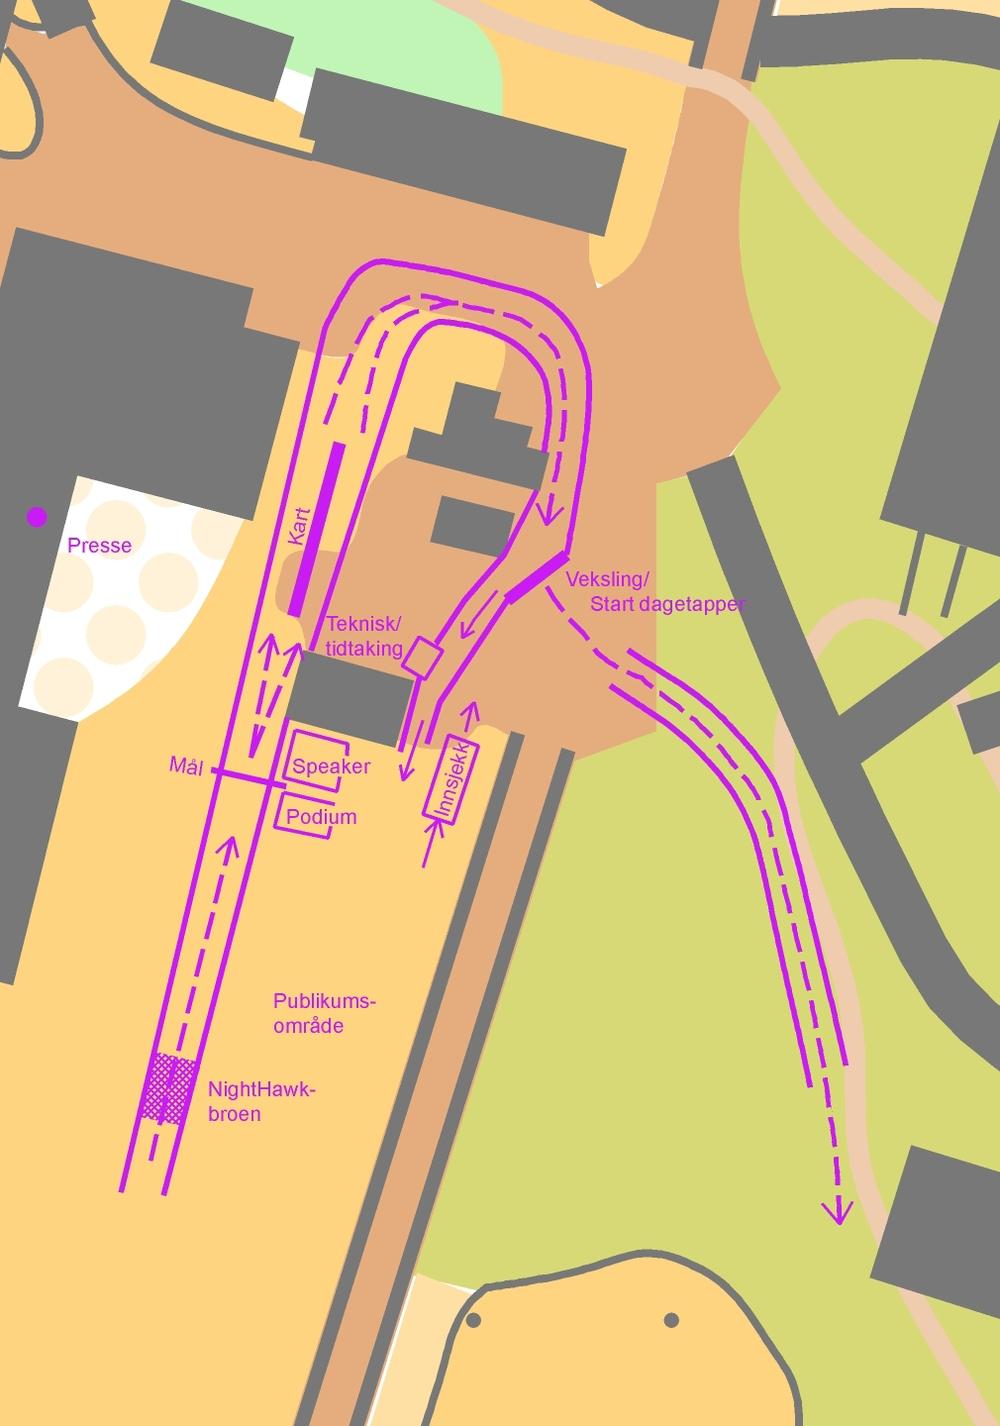 Arenakart-detalj-norsk.jpg